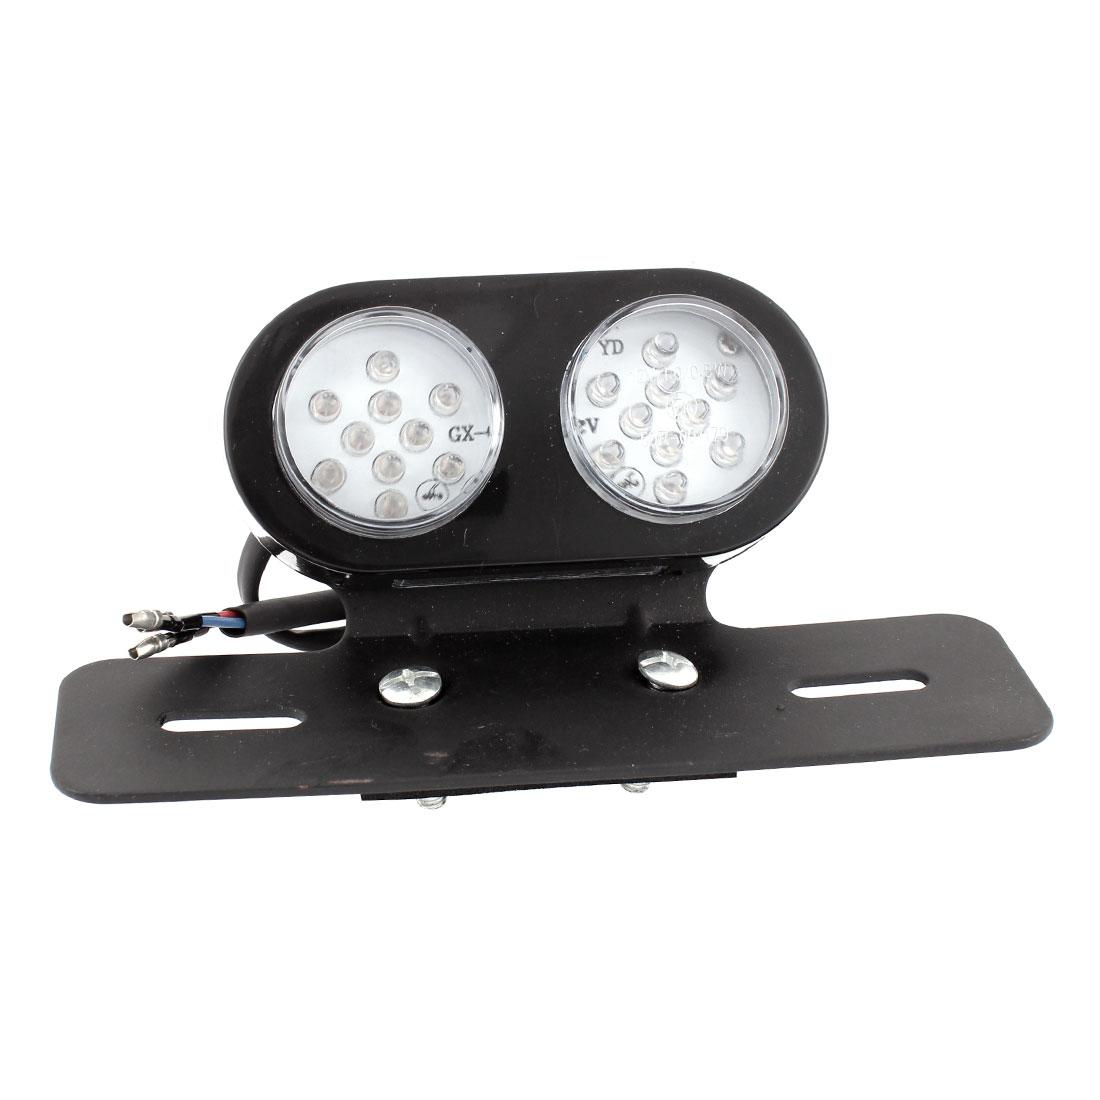 Motorbike 20 LED Red White Brake Tail Signal Light License Plate Bracket Holder